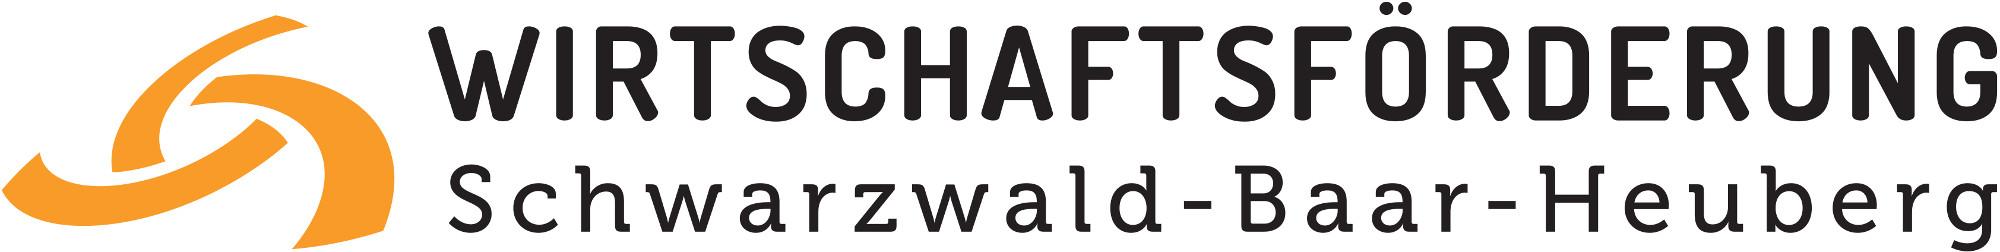 wifoeg_sbh_logo_cmyk_kl_weboptimiert.jpg